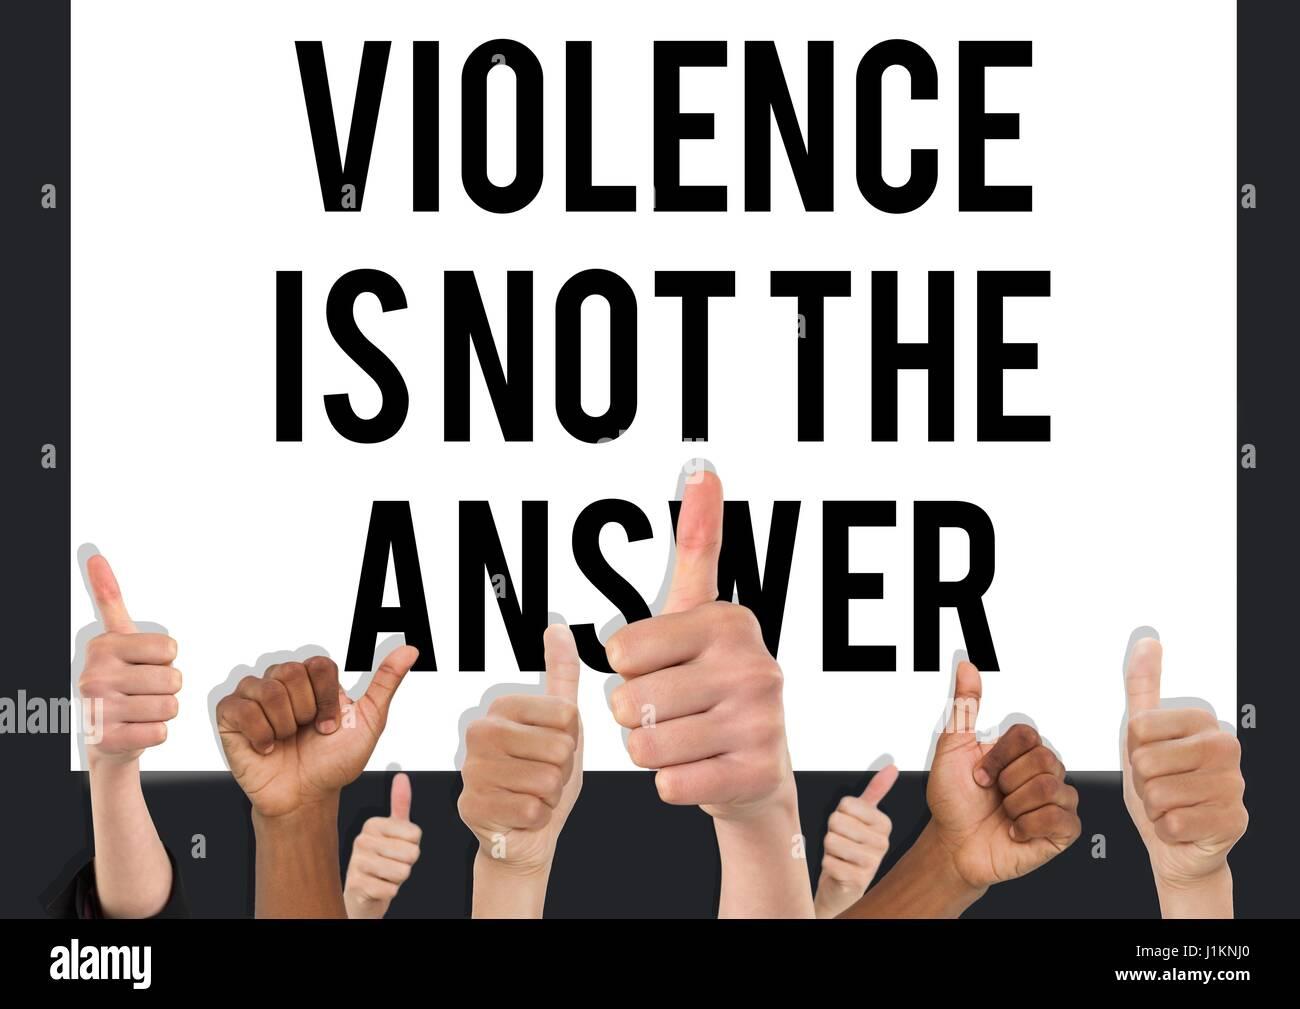 Composito Digitale del pollice in alto la violenza non è la risposta Immagini Stock